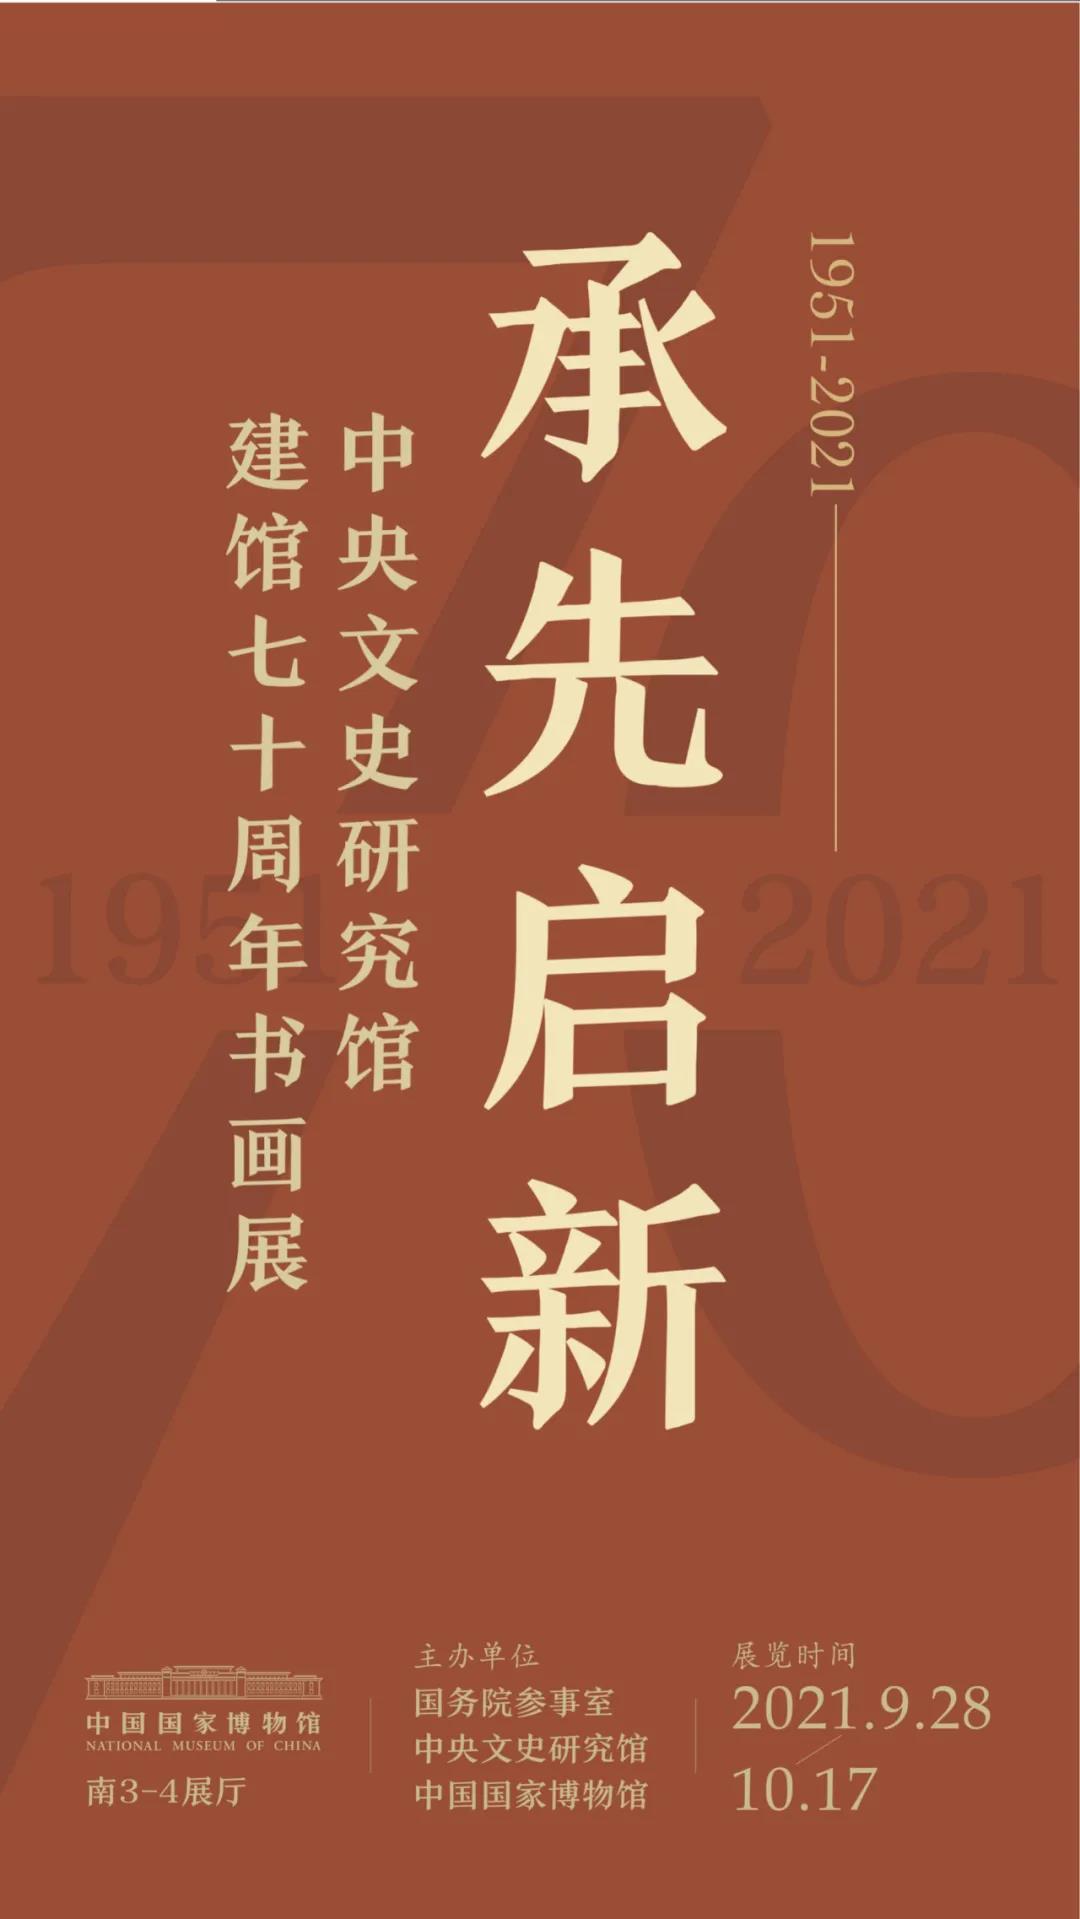 """""""中央文史研究馆建馆70周年书画展""""将在国博展出   展览预告"""